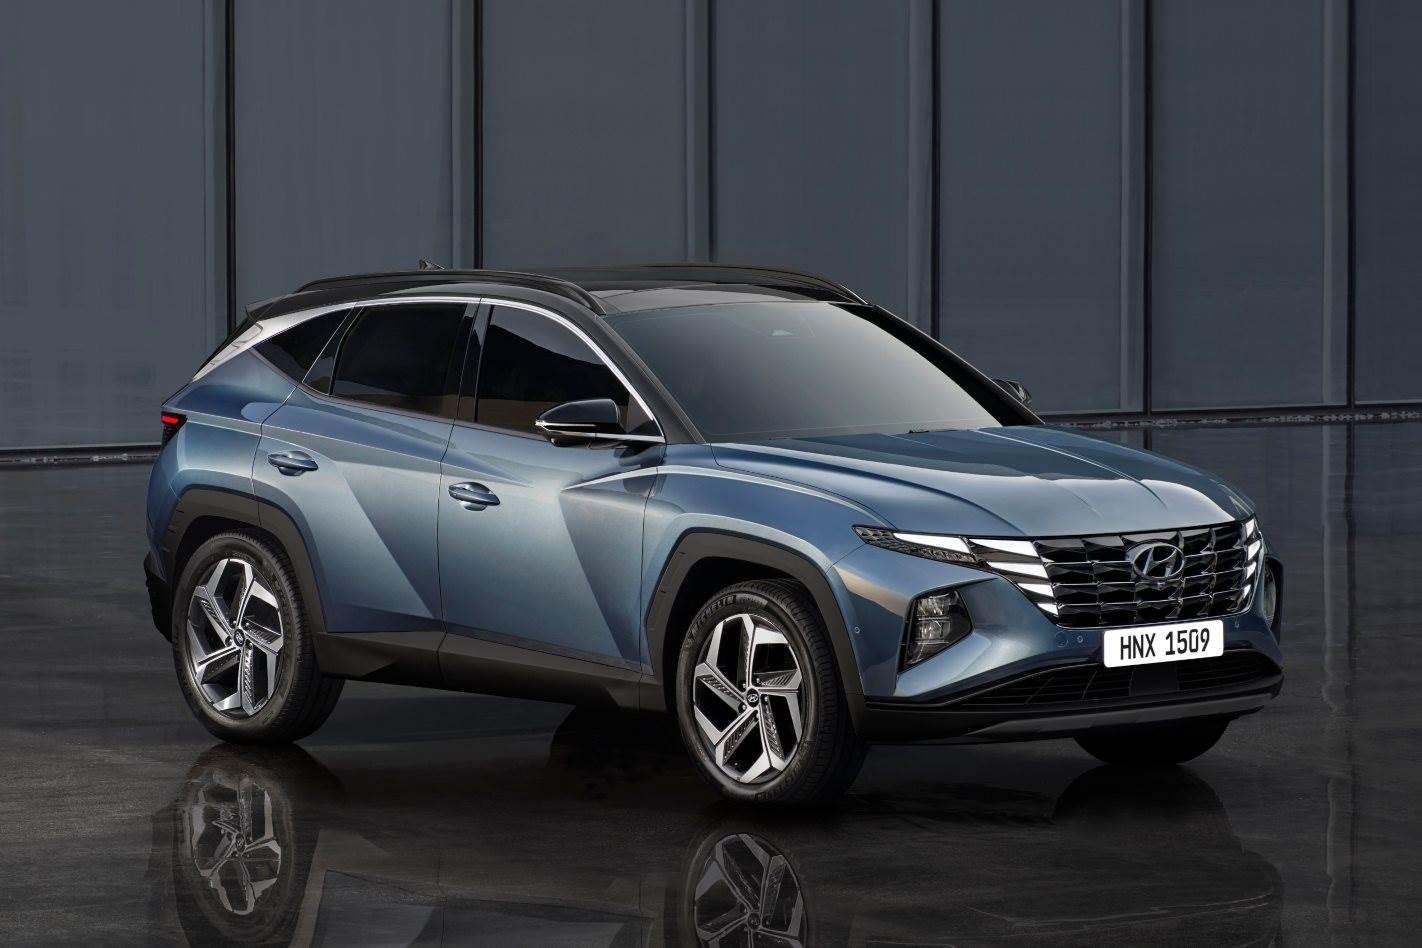 سعر هيونداي توسان - مواصفات هيونداي توسان - صور هيونداي توسان - موقع سيارات - السيارات الجديدة - أحدث السيارات